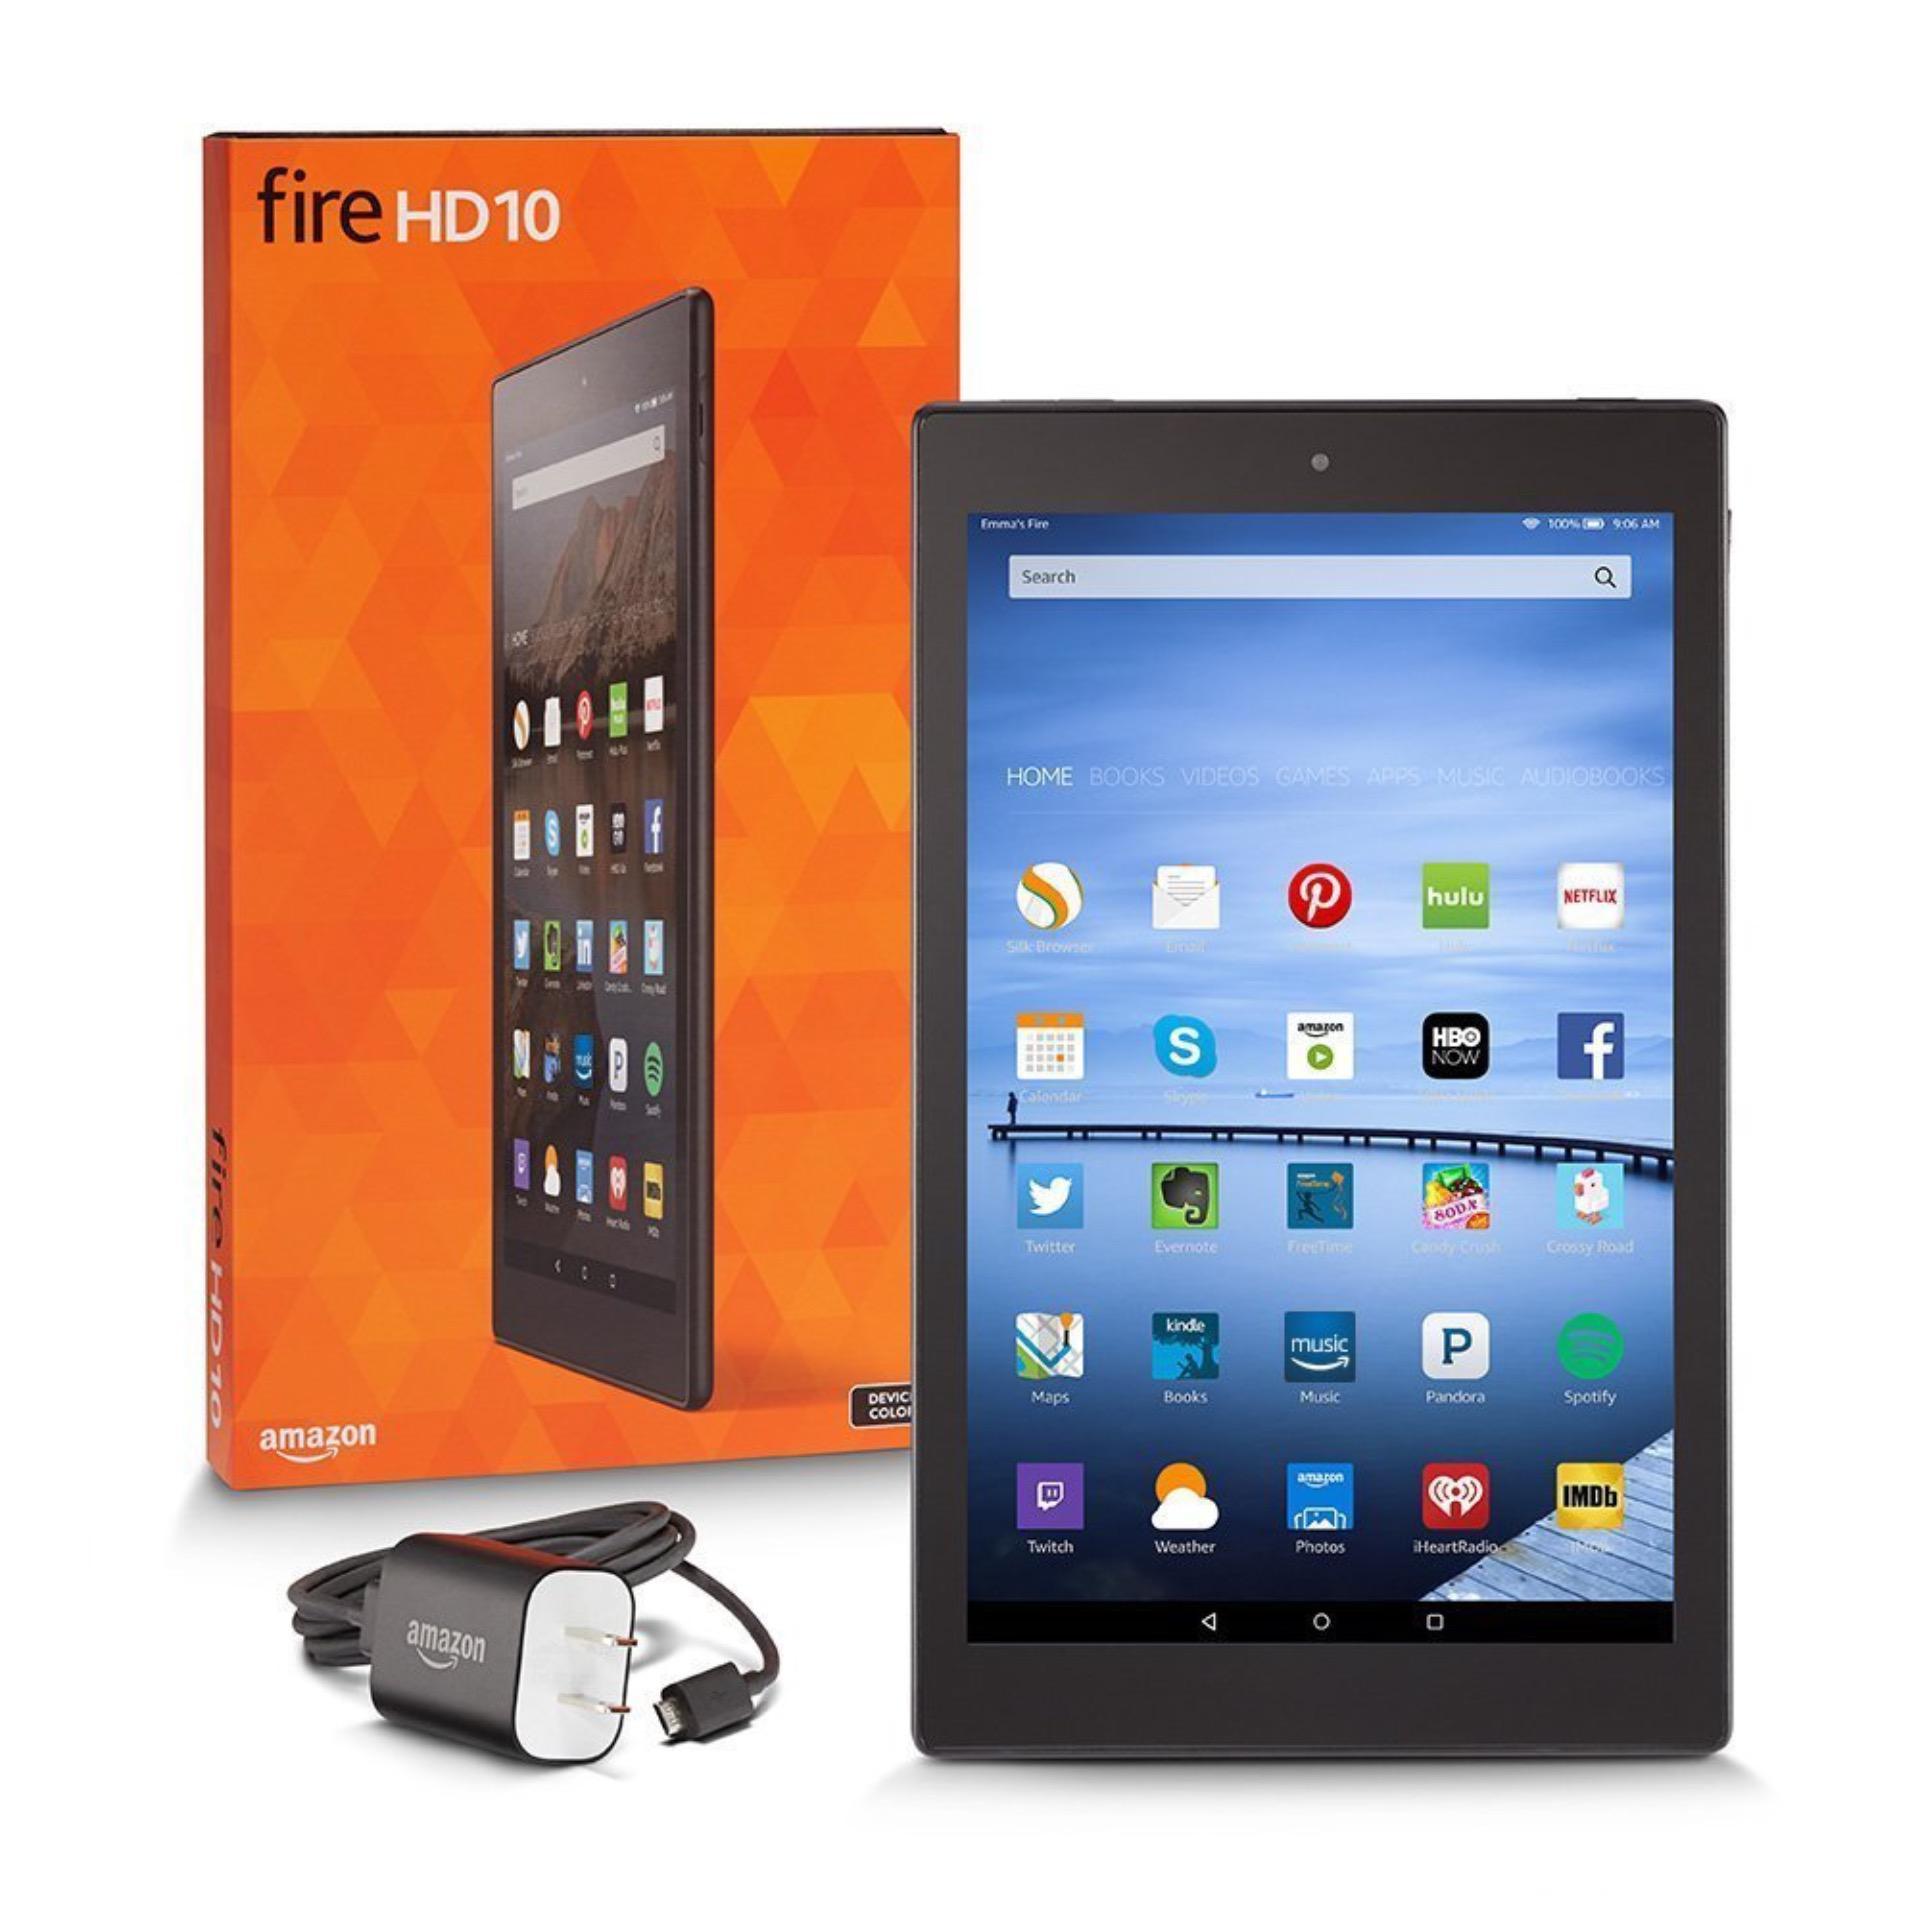 Amazon Kindle Fire HD 10 ( Mới nhất 2017) - Hàng nhập khẩu